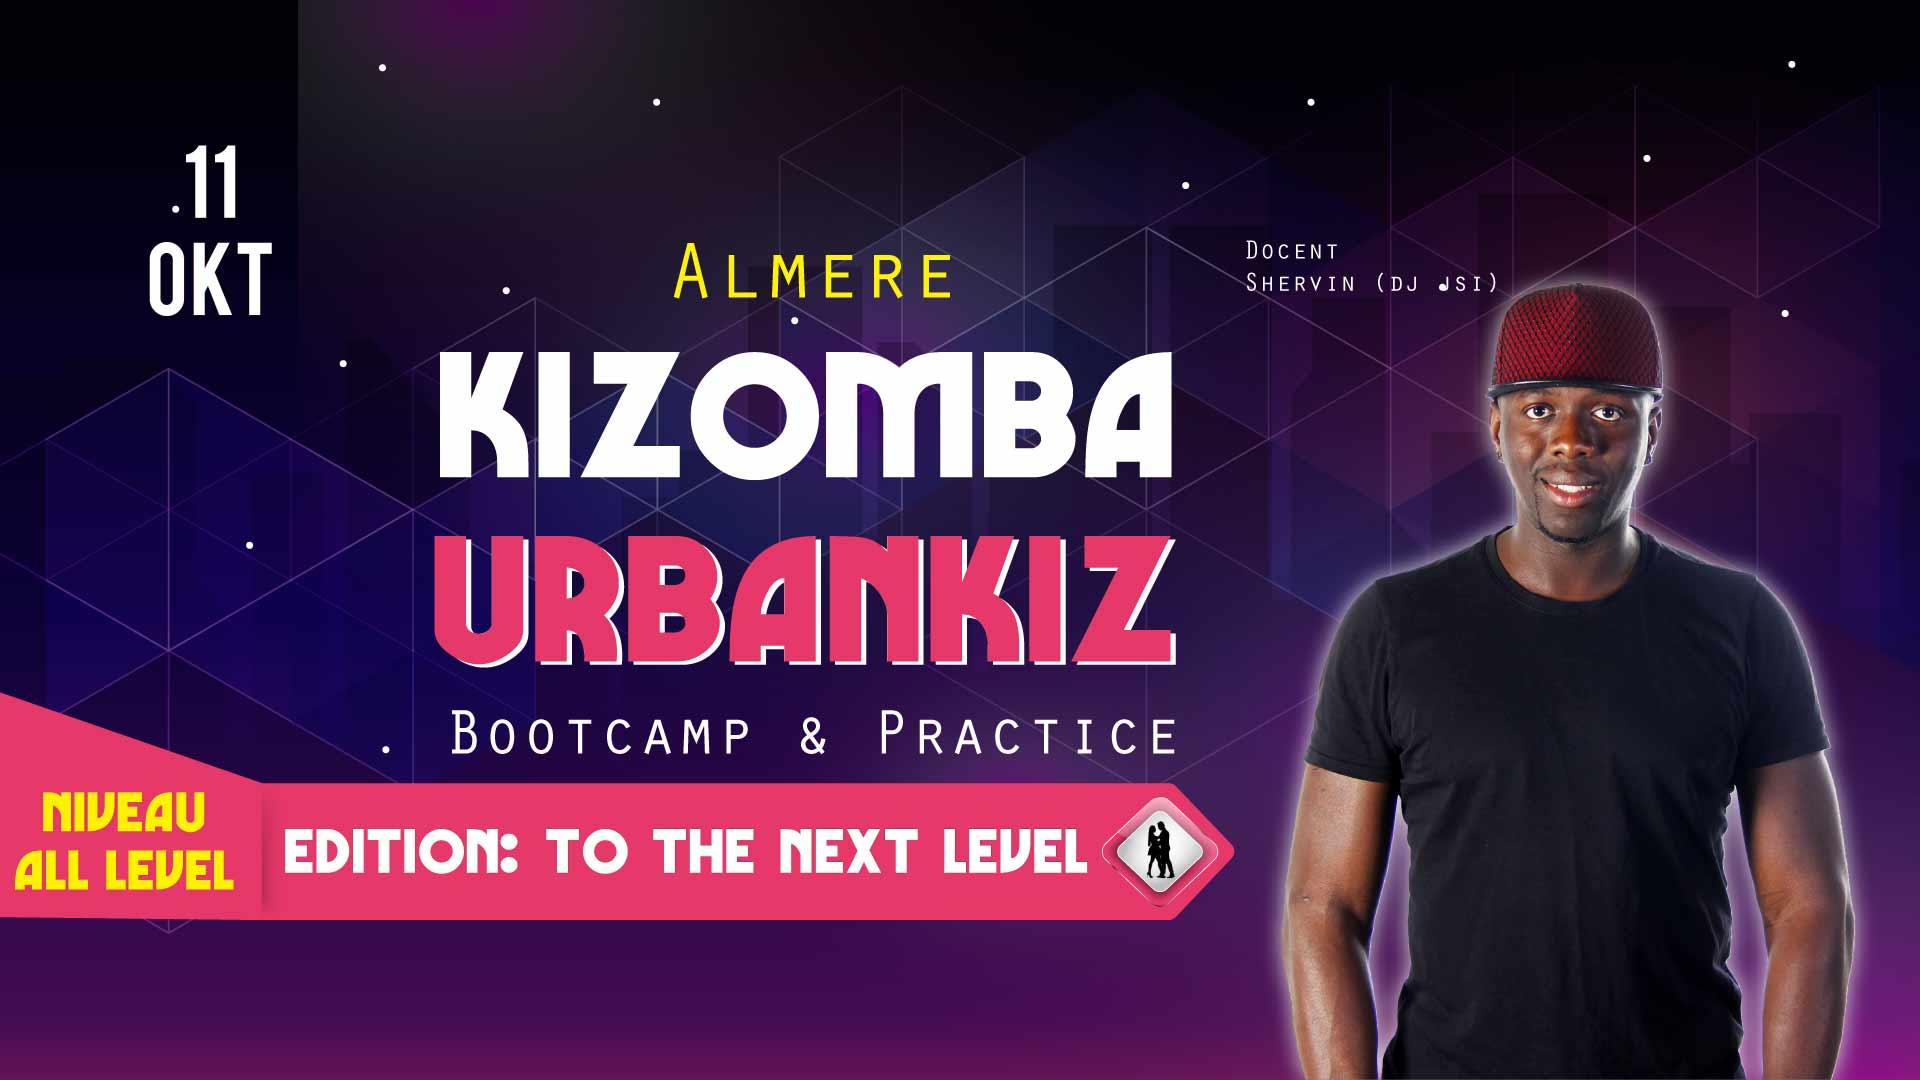 almere-kizomba-urbankiz-bootamp-11-oktober-2020